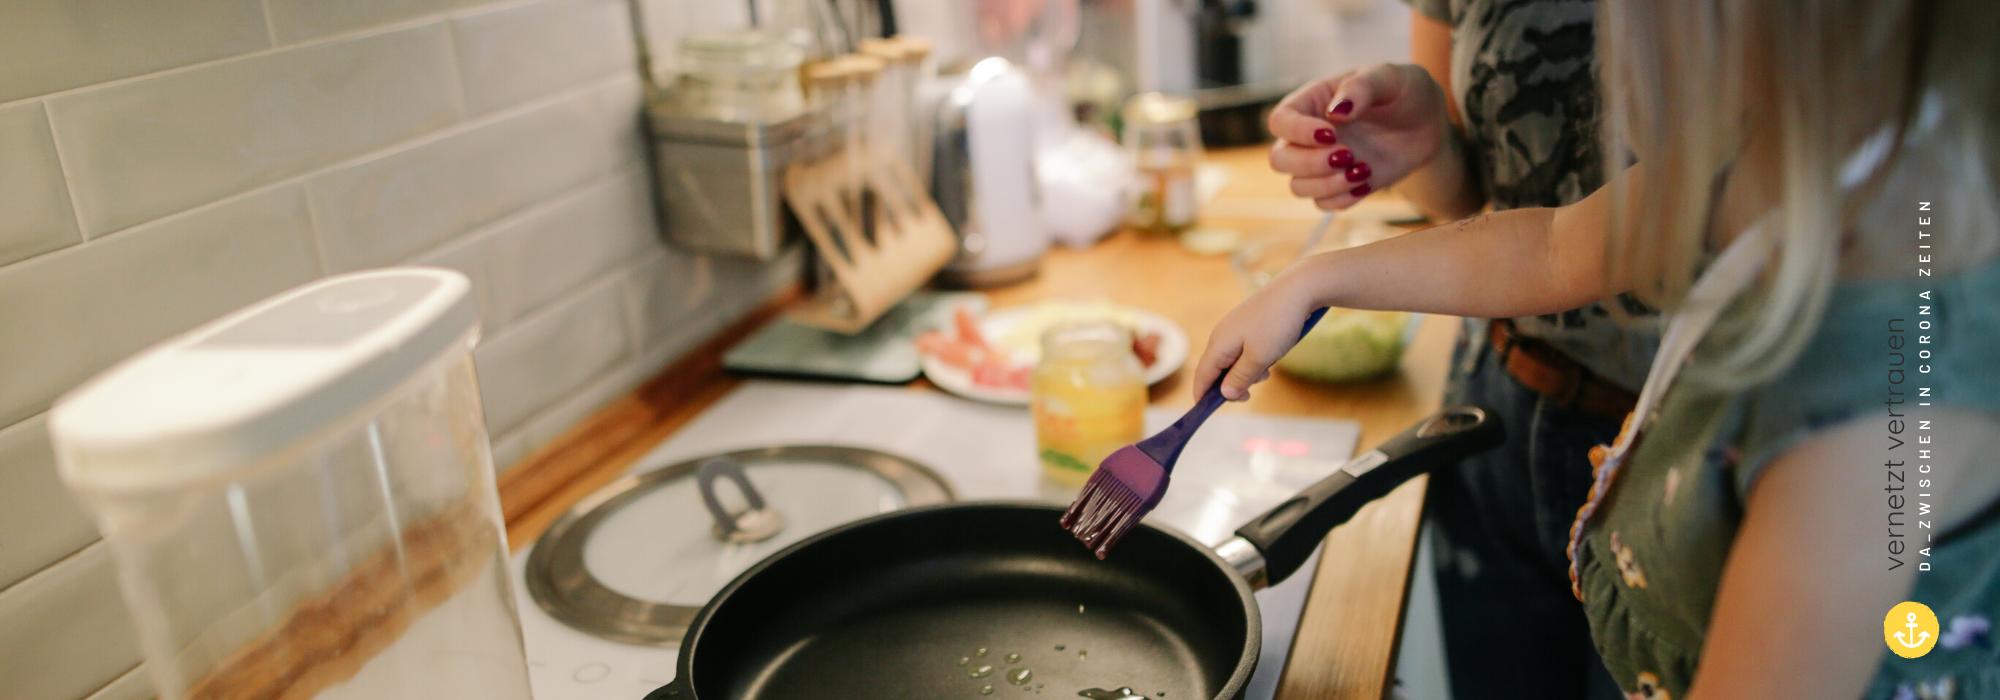 kochen2 - Solidarität geht auch durch den Magen